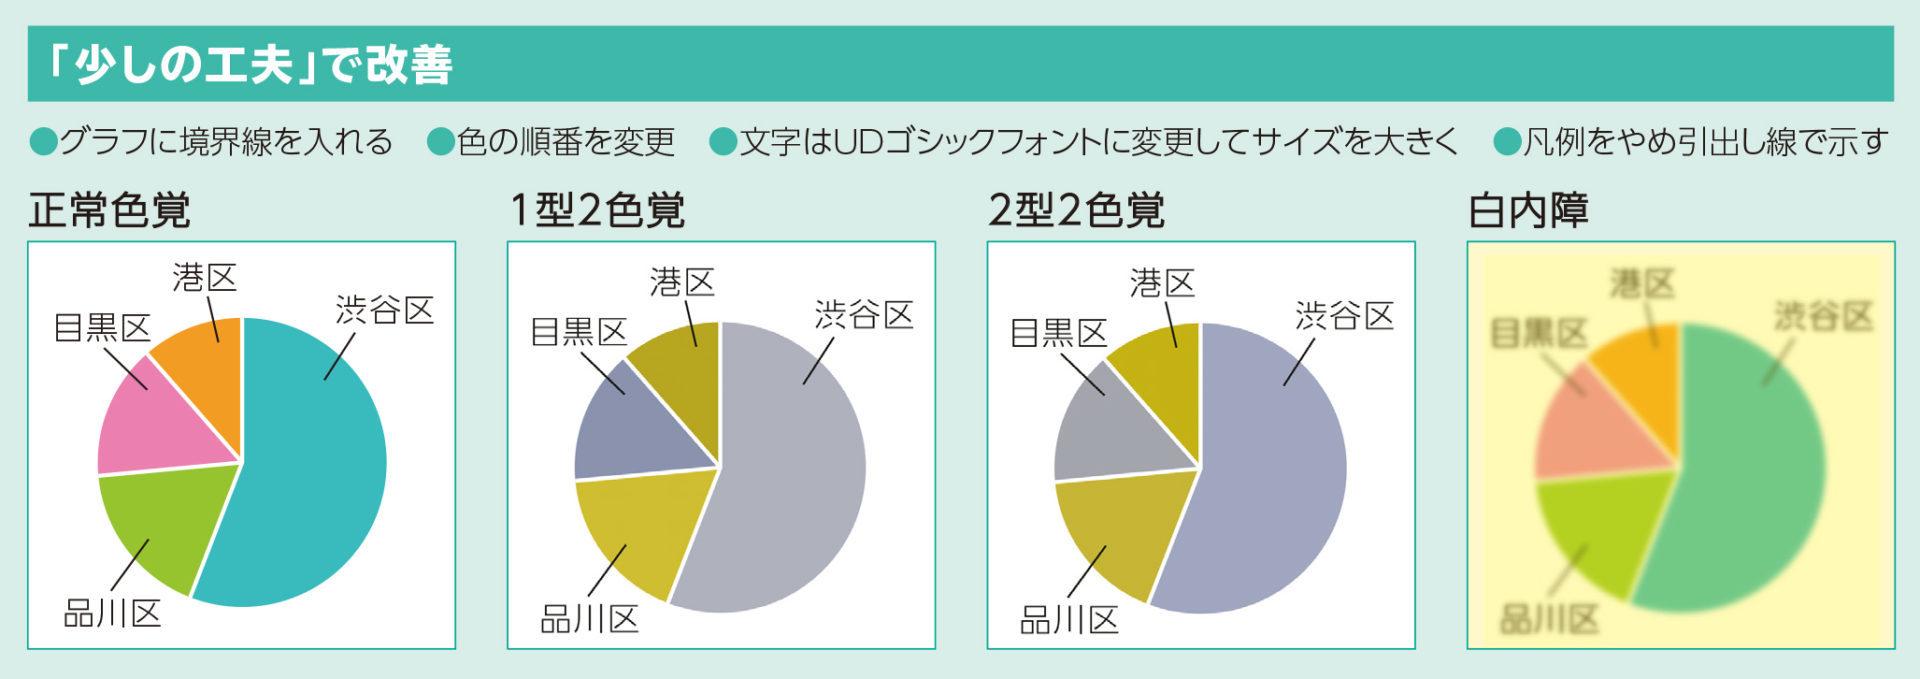 視力・色覚に配慮された円グラフ例。デザインと配色の工夫で視認性が高まっている。